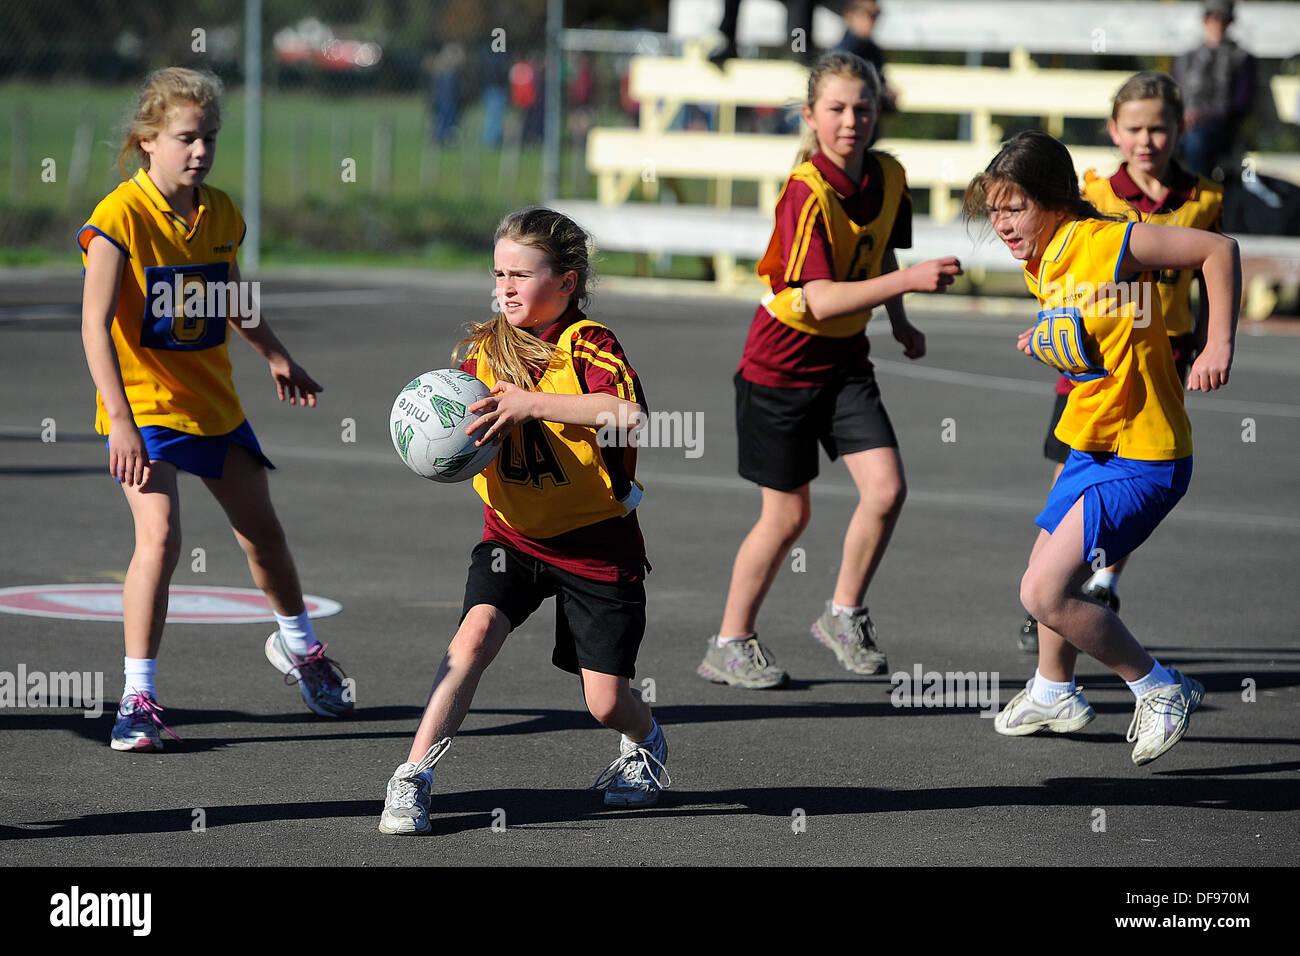 Motueka, Nelson, Nouvelle-Zélande. 10 août, 2013. Le netball pour les enfants. © Plus Sport Action/Alamy Live News Photo Stock